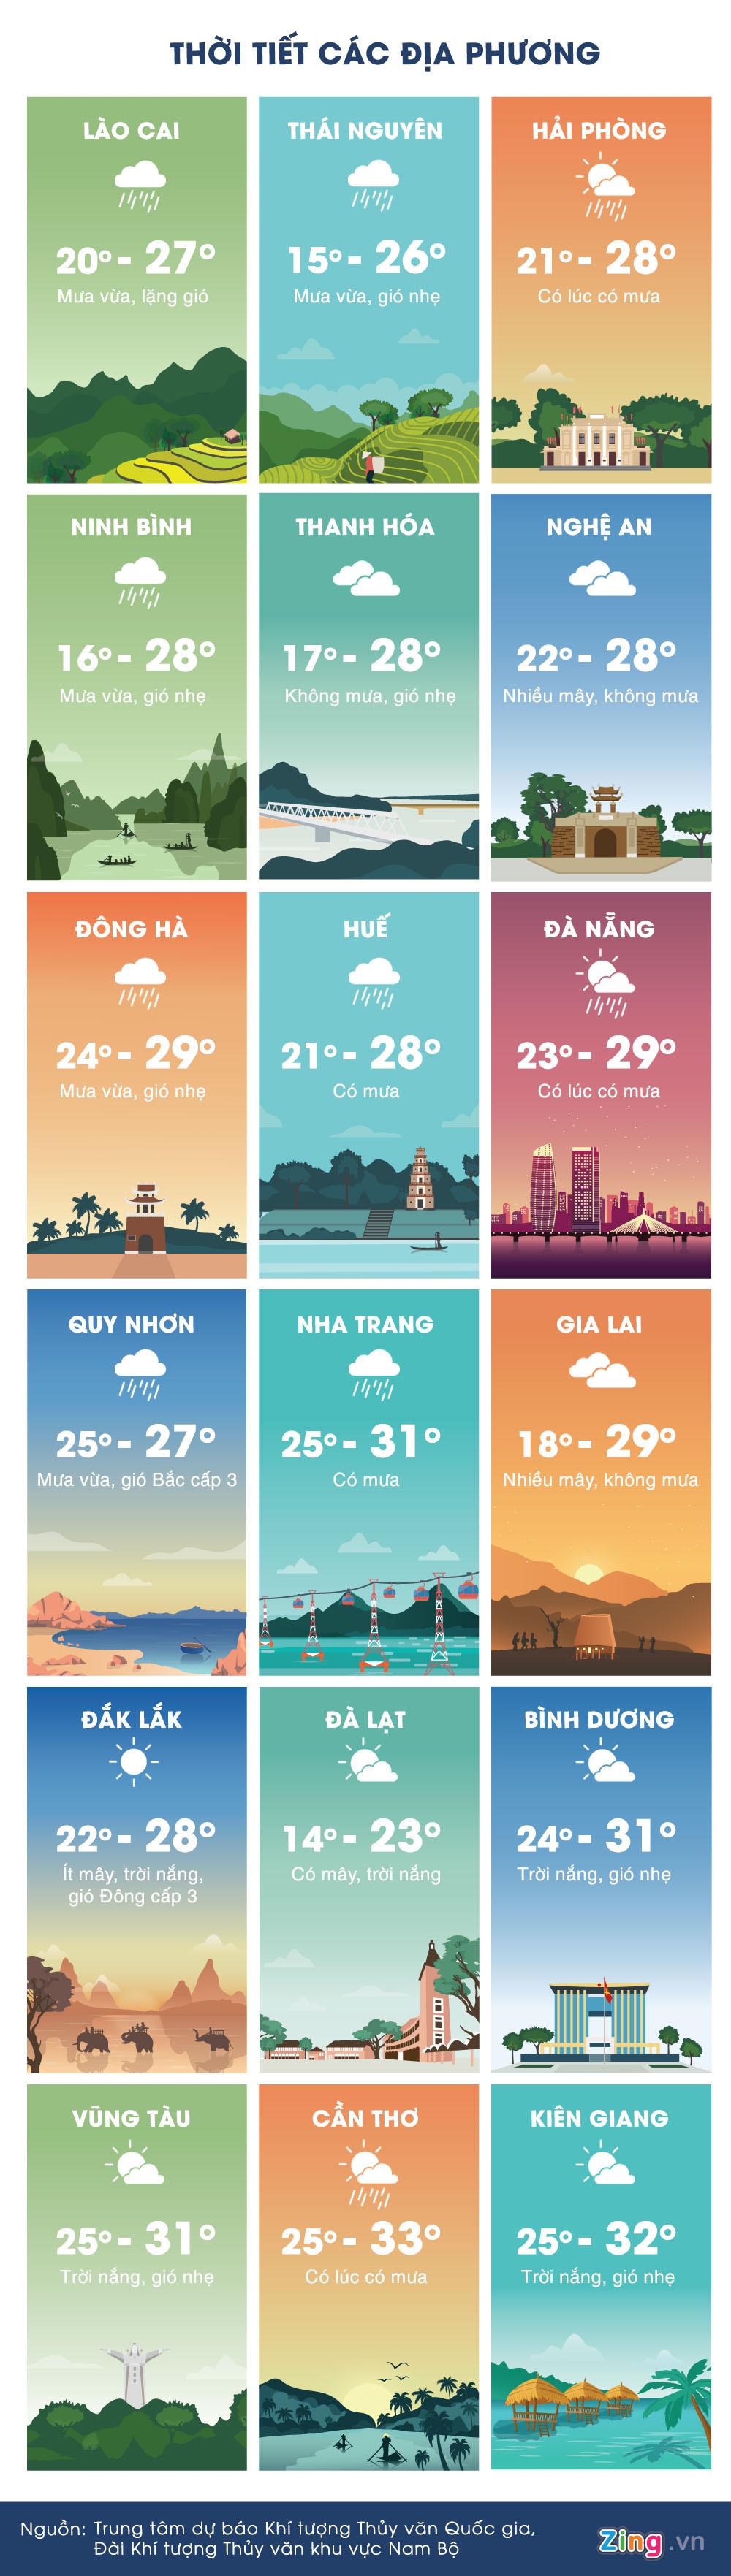 Thời tiết ngày 6/12: Bắc Bộ mưa dông, gió mạnh vì không khí lạnh Ảnh 3